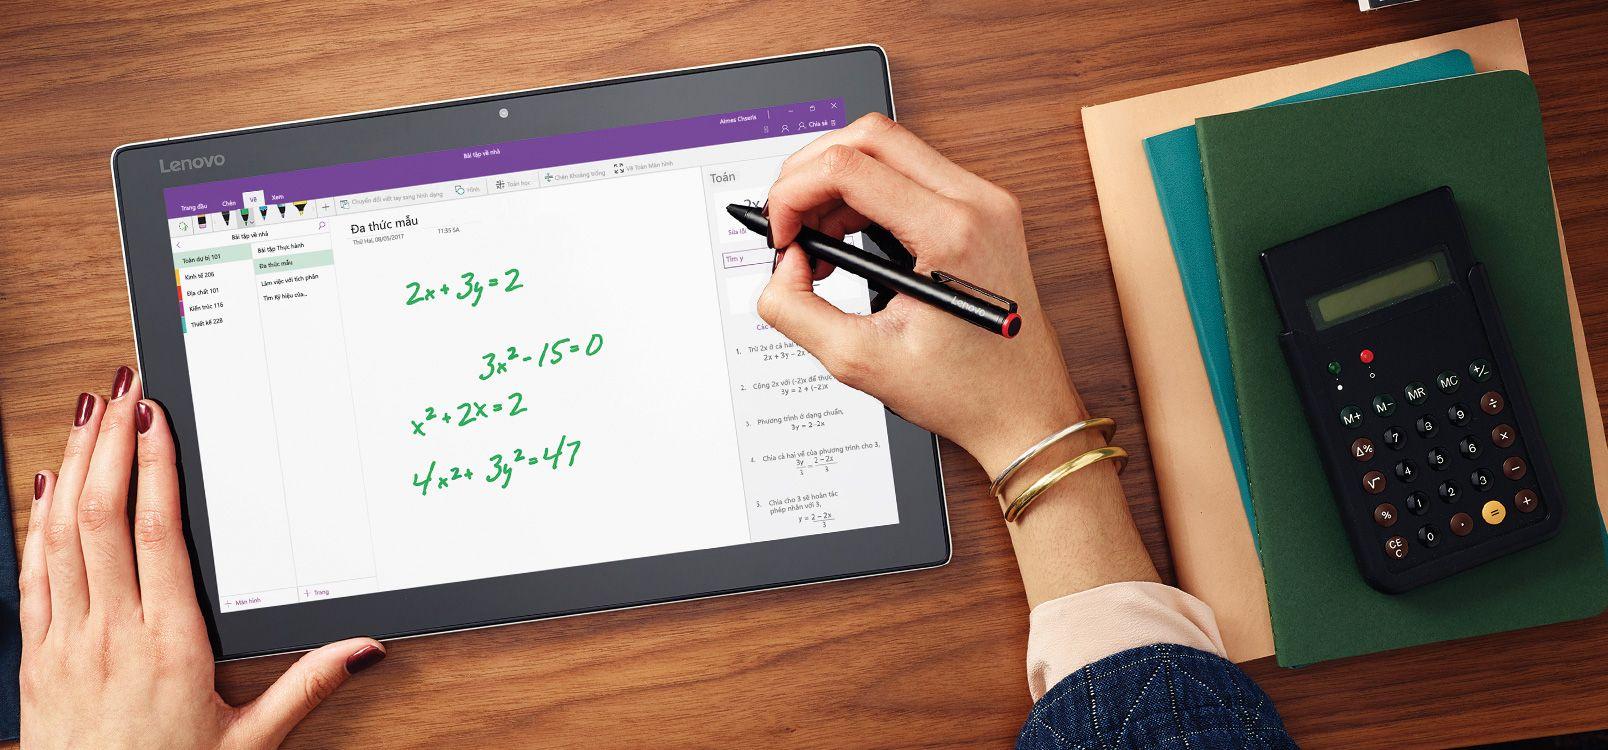 Màn hình máy tính bảng hiển thị bộ trợ giúp viết tay sang toán học OneNote